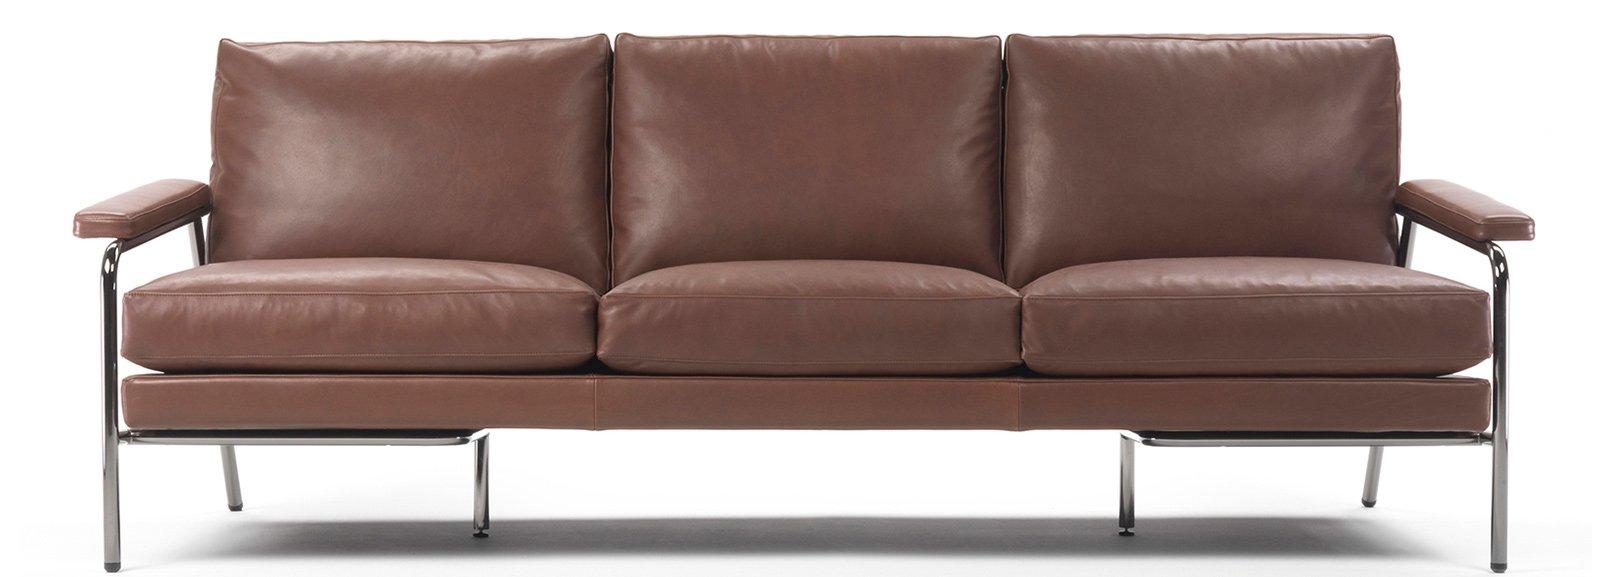 Divani in pelle cose di casa for Pelle divani usati